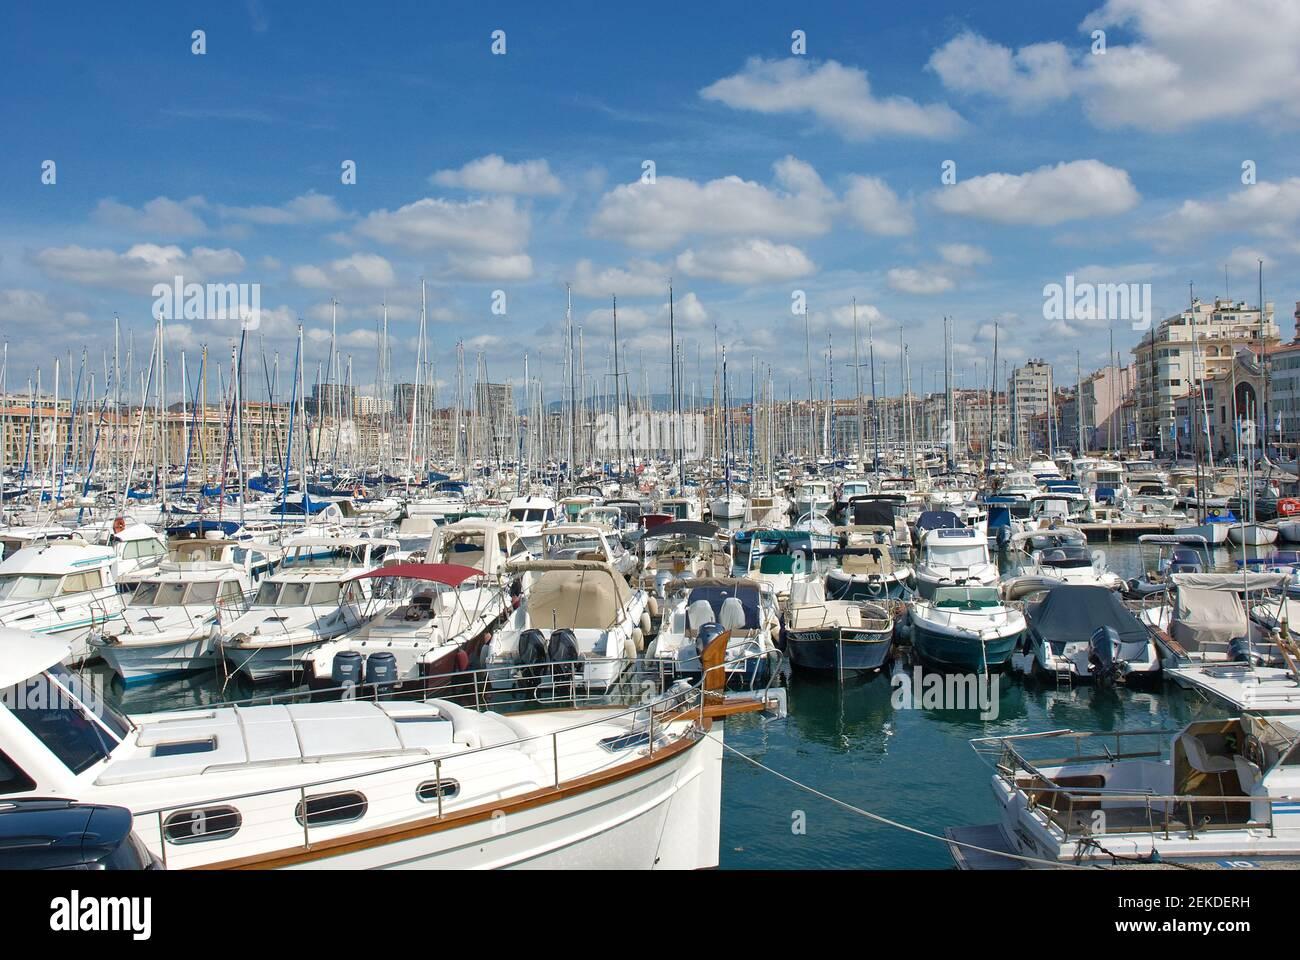 El antiguo puerto de Marsella (Vieux Port) en Marsella, Bocas del Ródano, Provenza, Francia Foto de stock